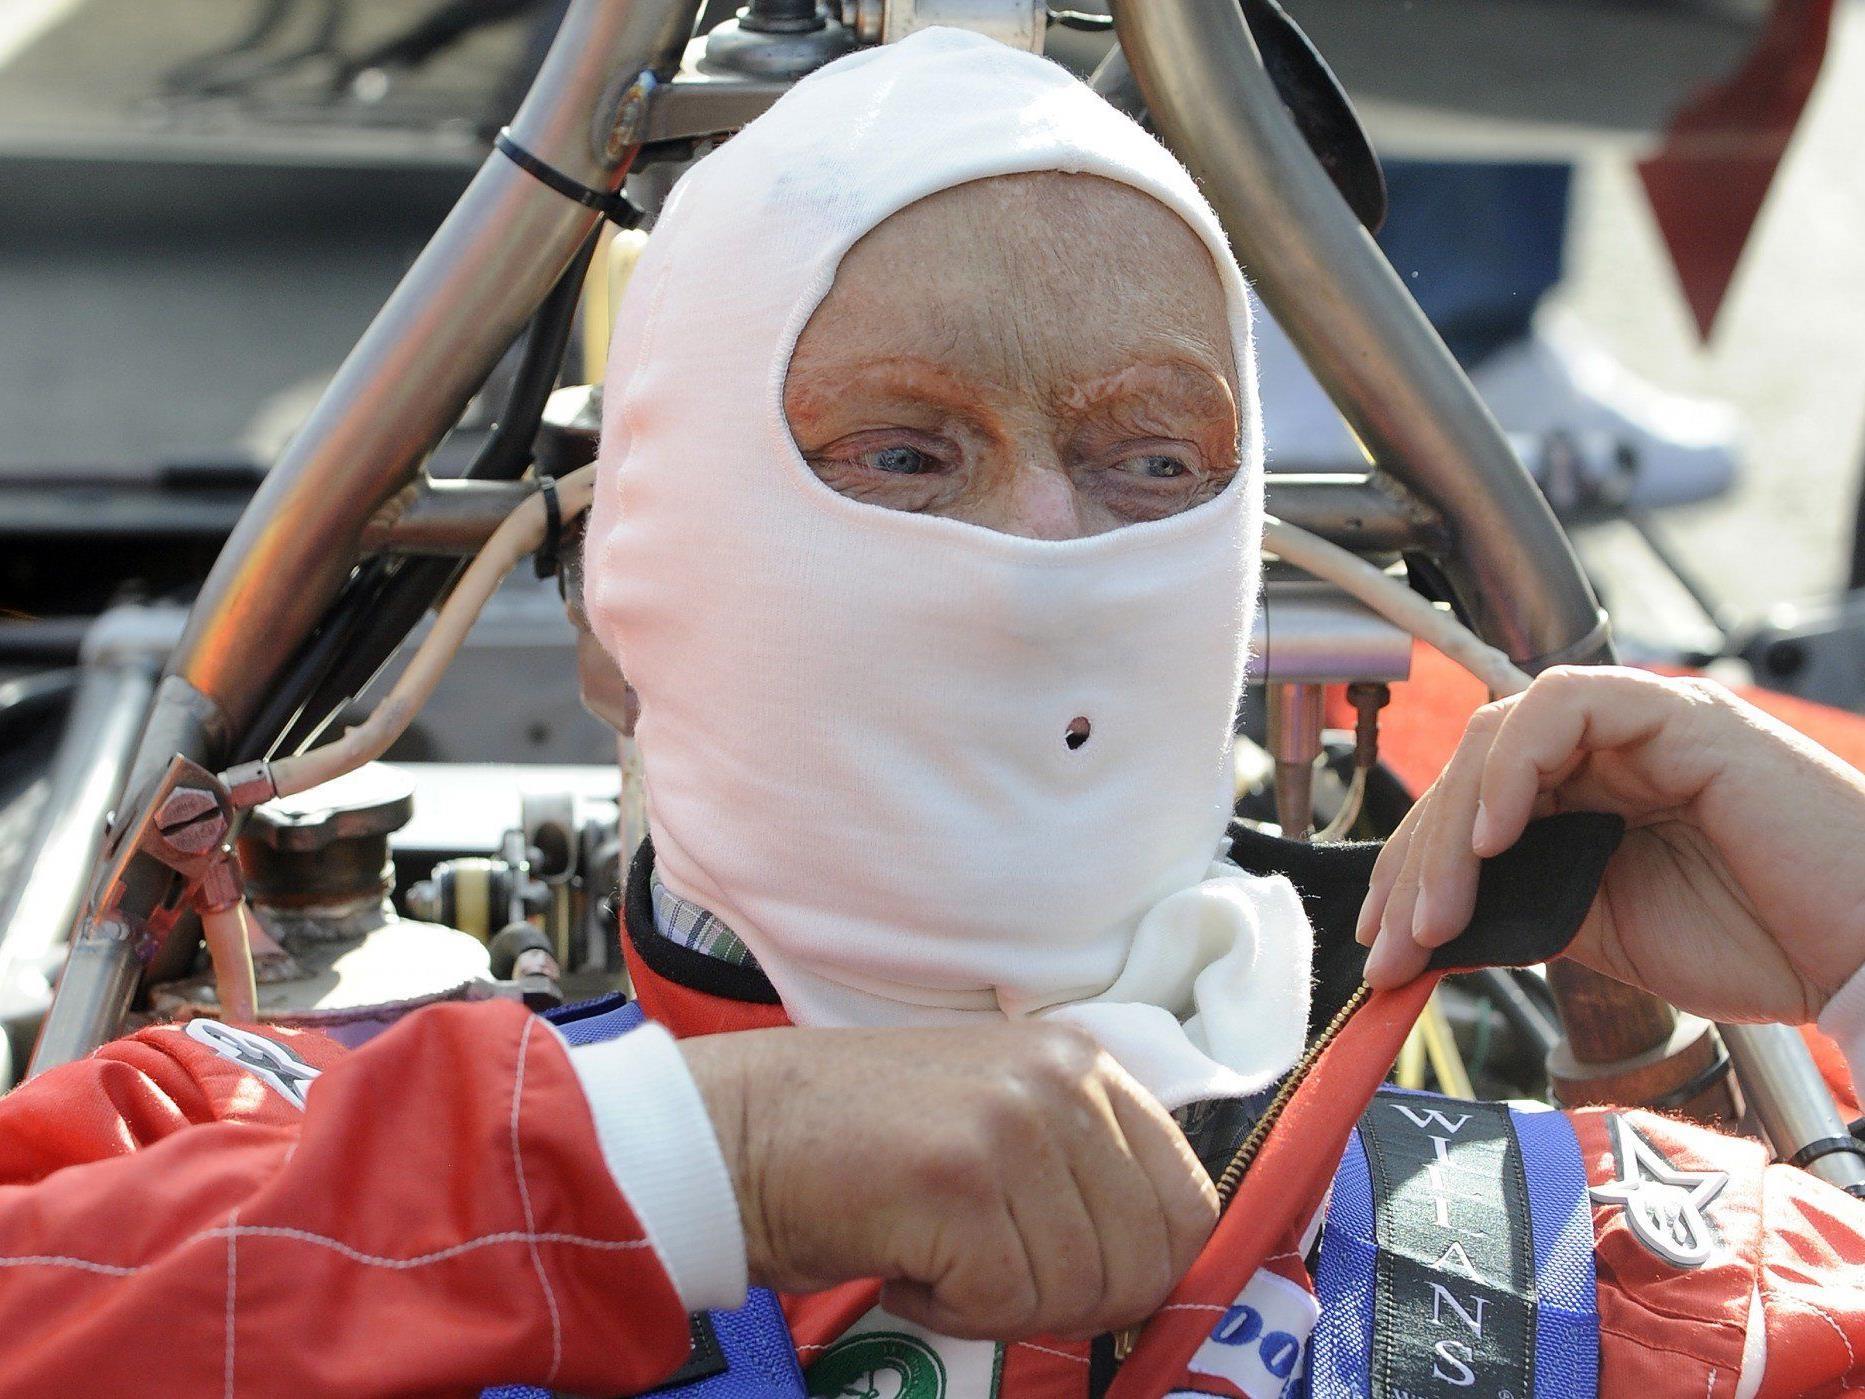 Niki Lauda am Samstag, 21. Juni 2014, während eines Fototermins anl. des Legendenrennens am Red Bull Ring in Spielberg.